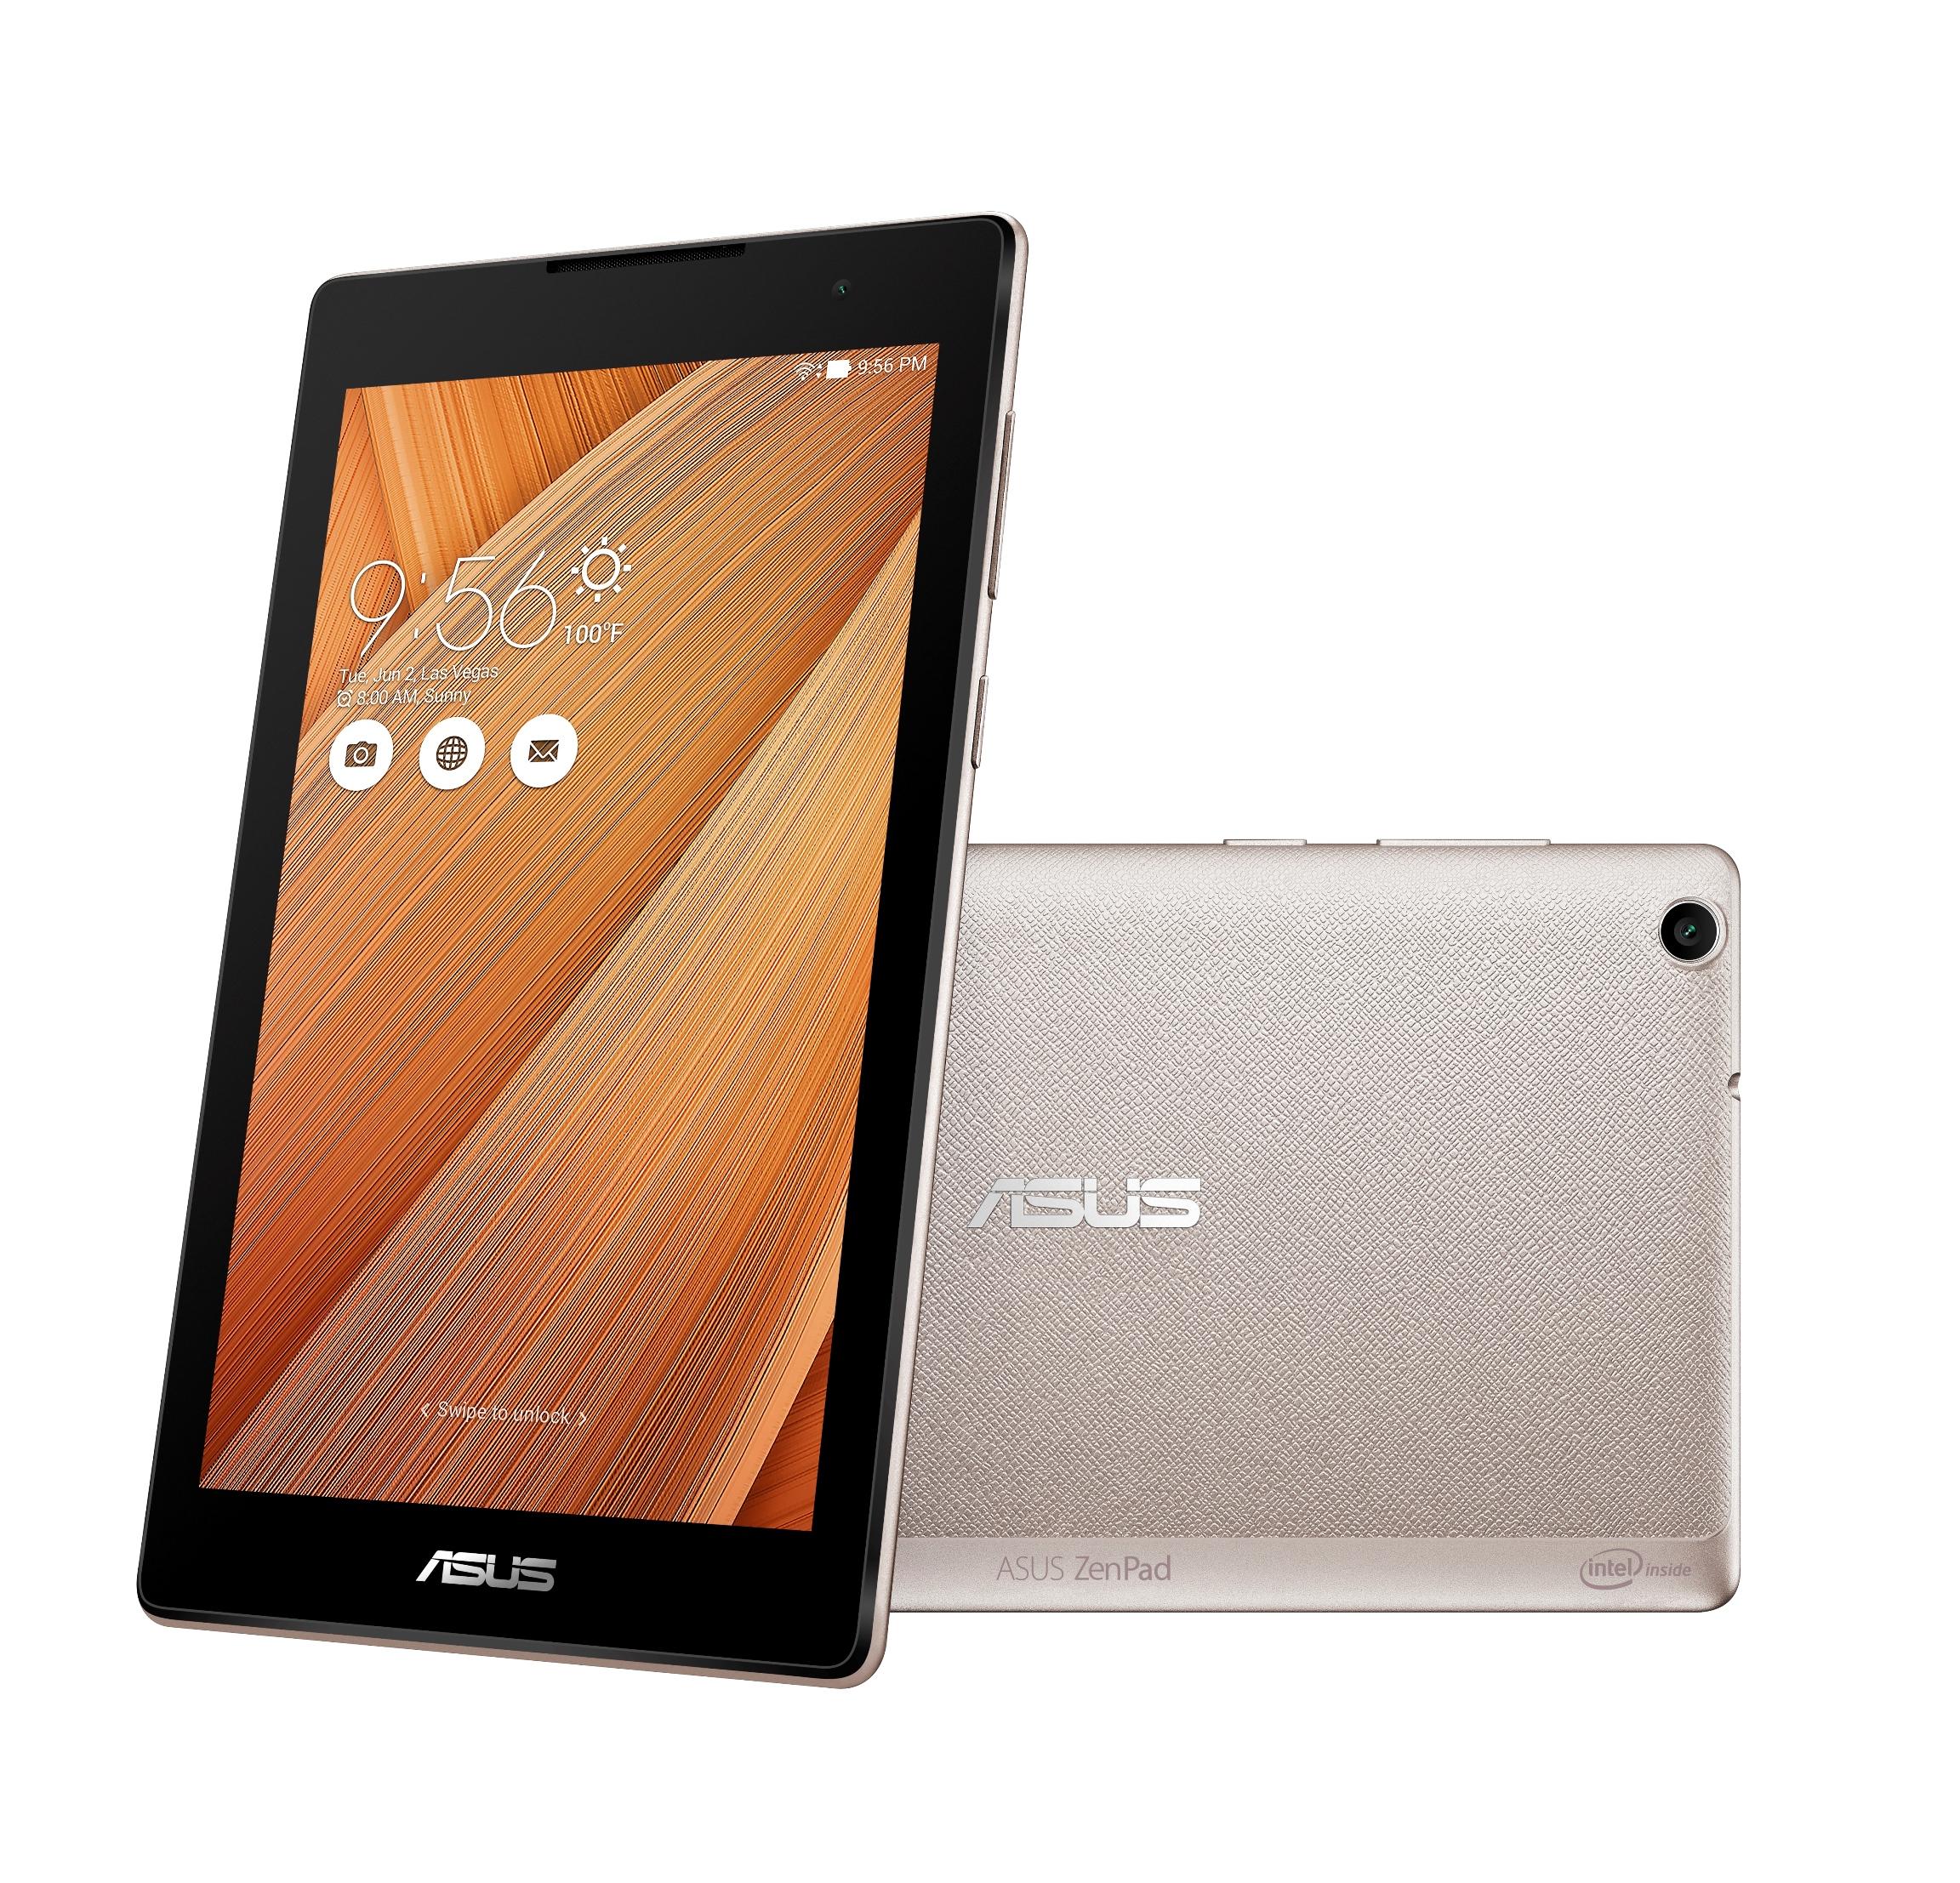 ASUS Zenpad C 7/x3-C3200/16G/1G/A5.0 kovová